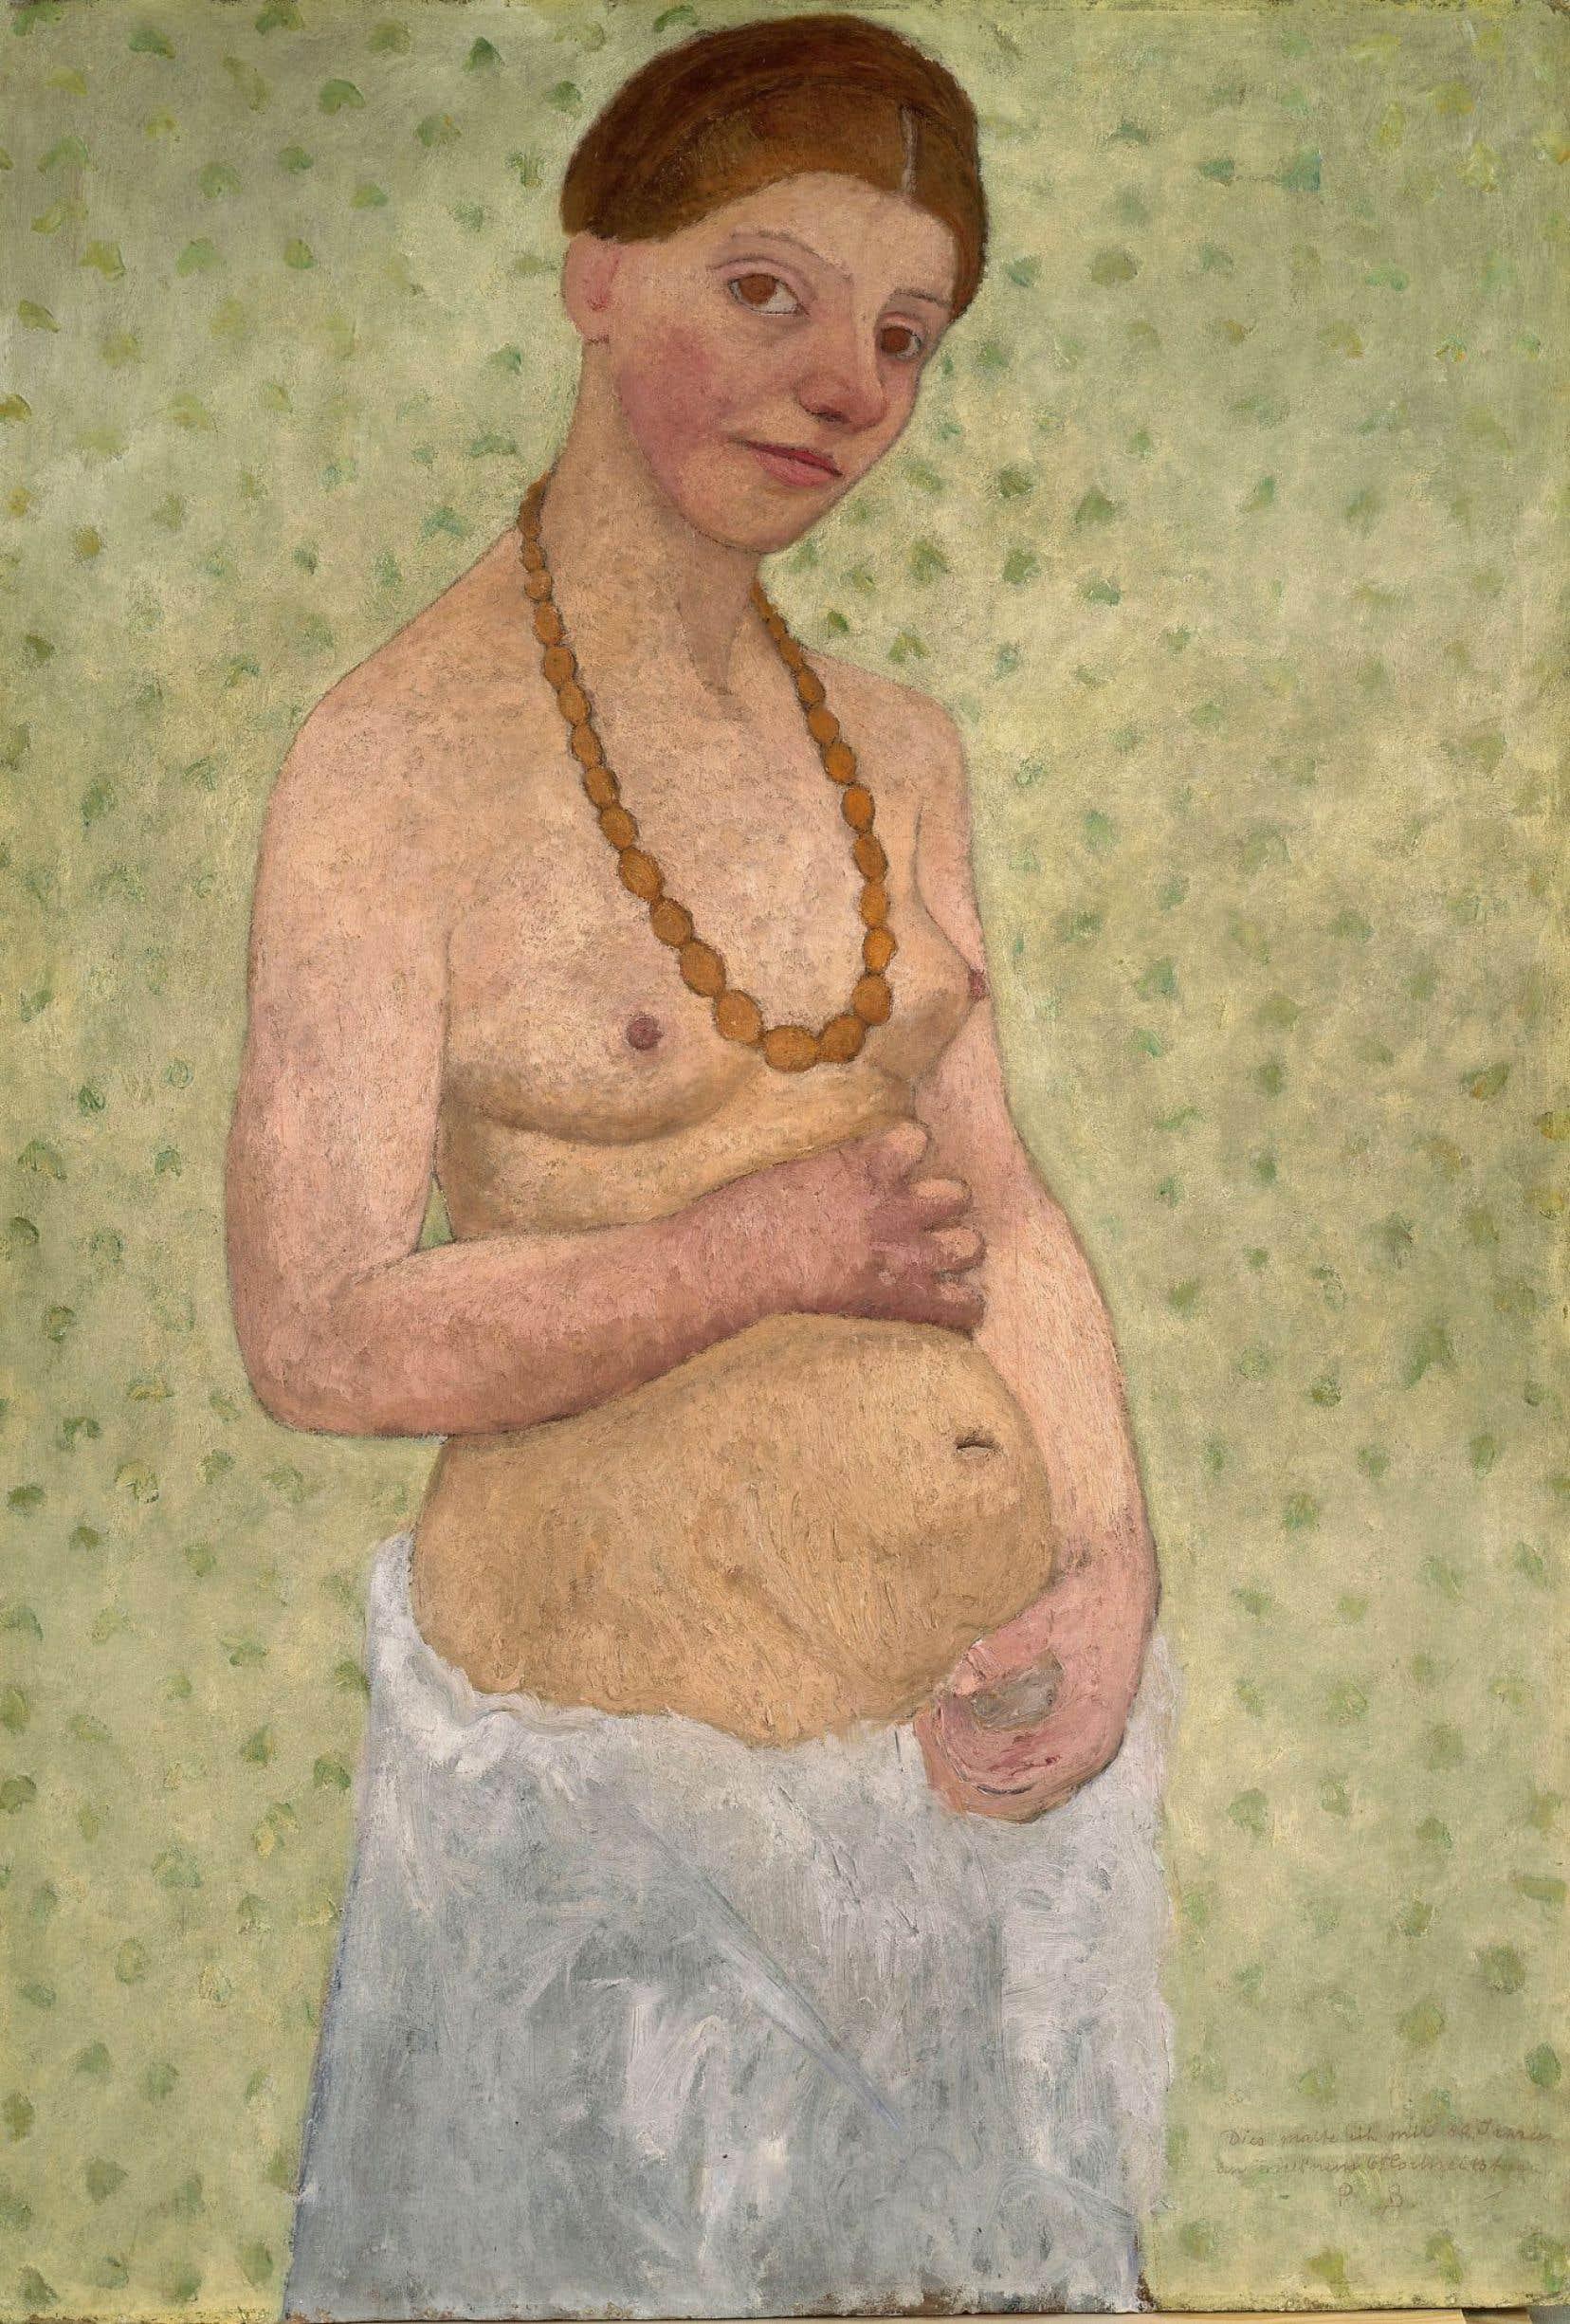 «On peint des femmes, écrit Darrieussecq, et là, attention: c'est la première fois. La première fois qu'une femme se peint nue.» Autoportrait au sixième anniversaire de mariage de Paula Modersohn-Becker. Détrempe sur carton, 101,8 x 70,2cm Museen Böttcherstrasse, Paula Modersohn-Becker Museum, Brême.